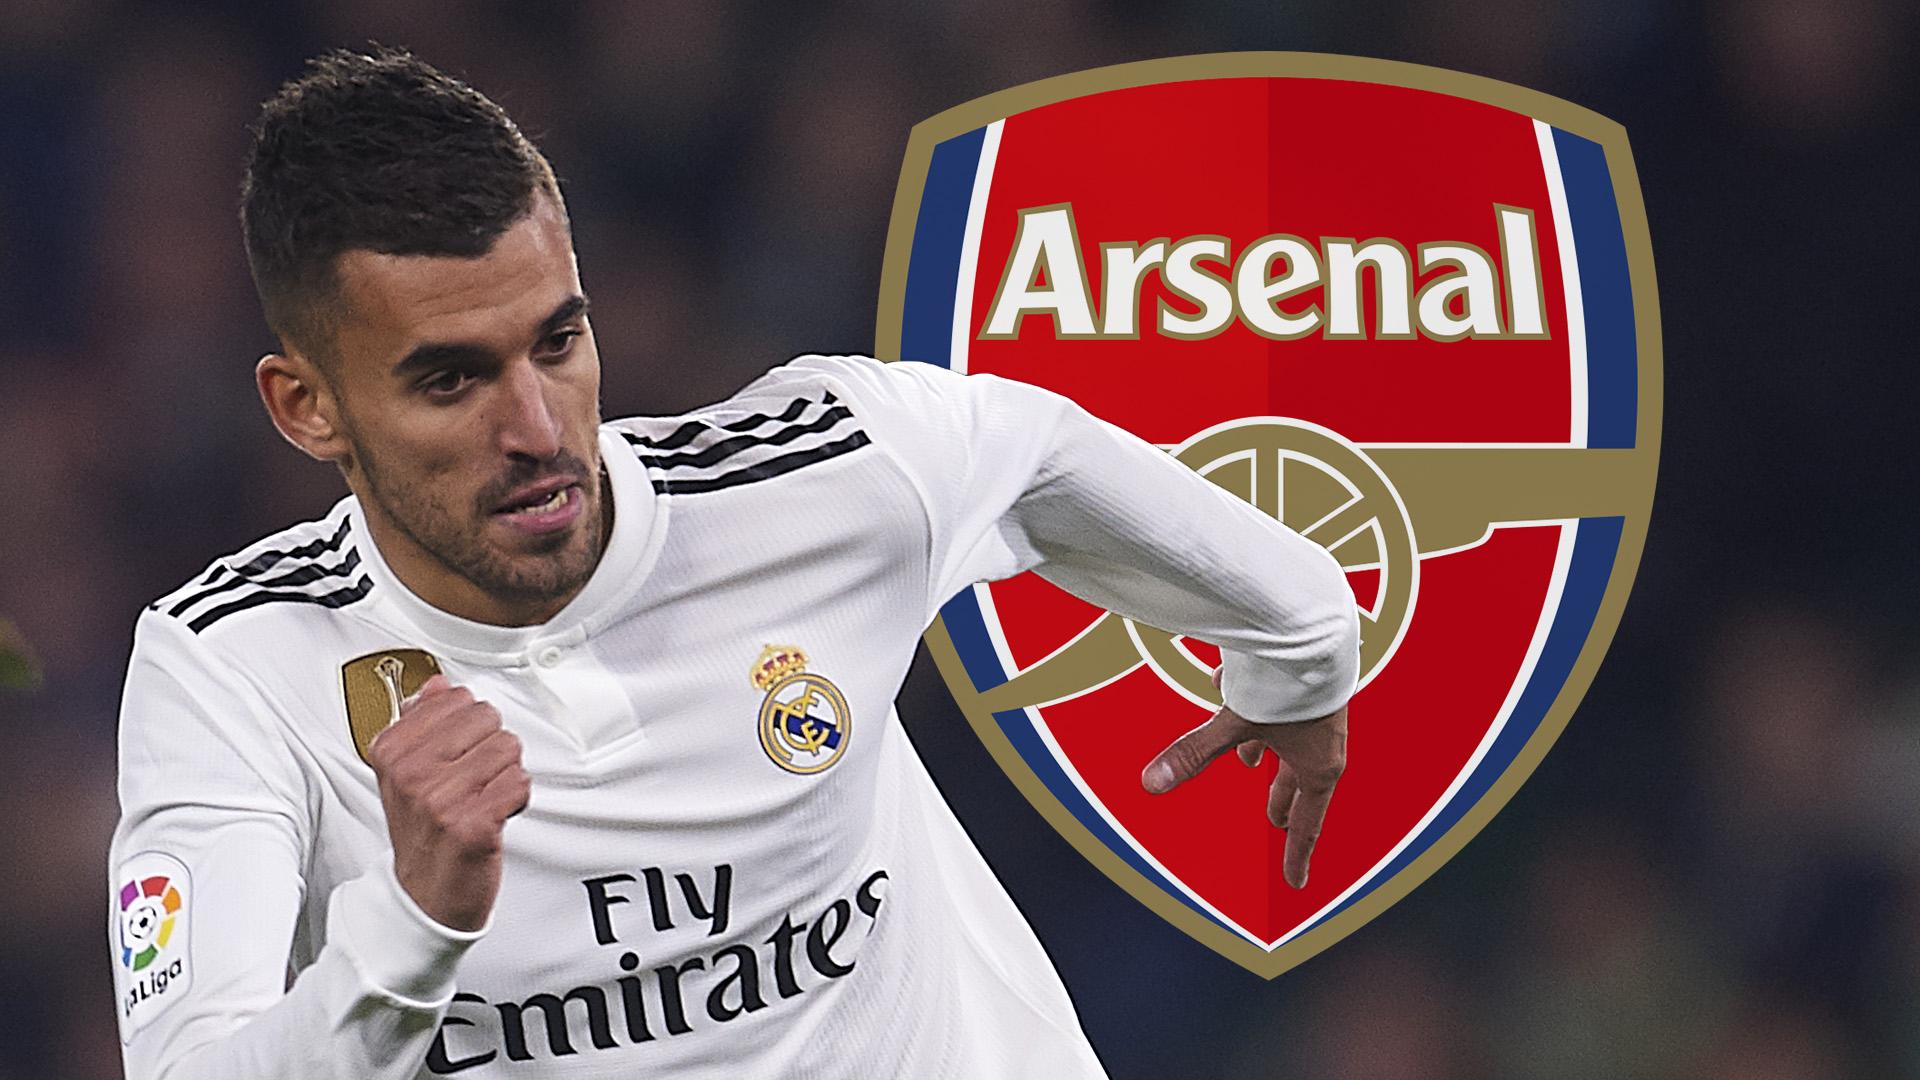 Transferts, Arsenal discute avec le Real Madrid pour un prêt de Dani Ceballos